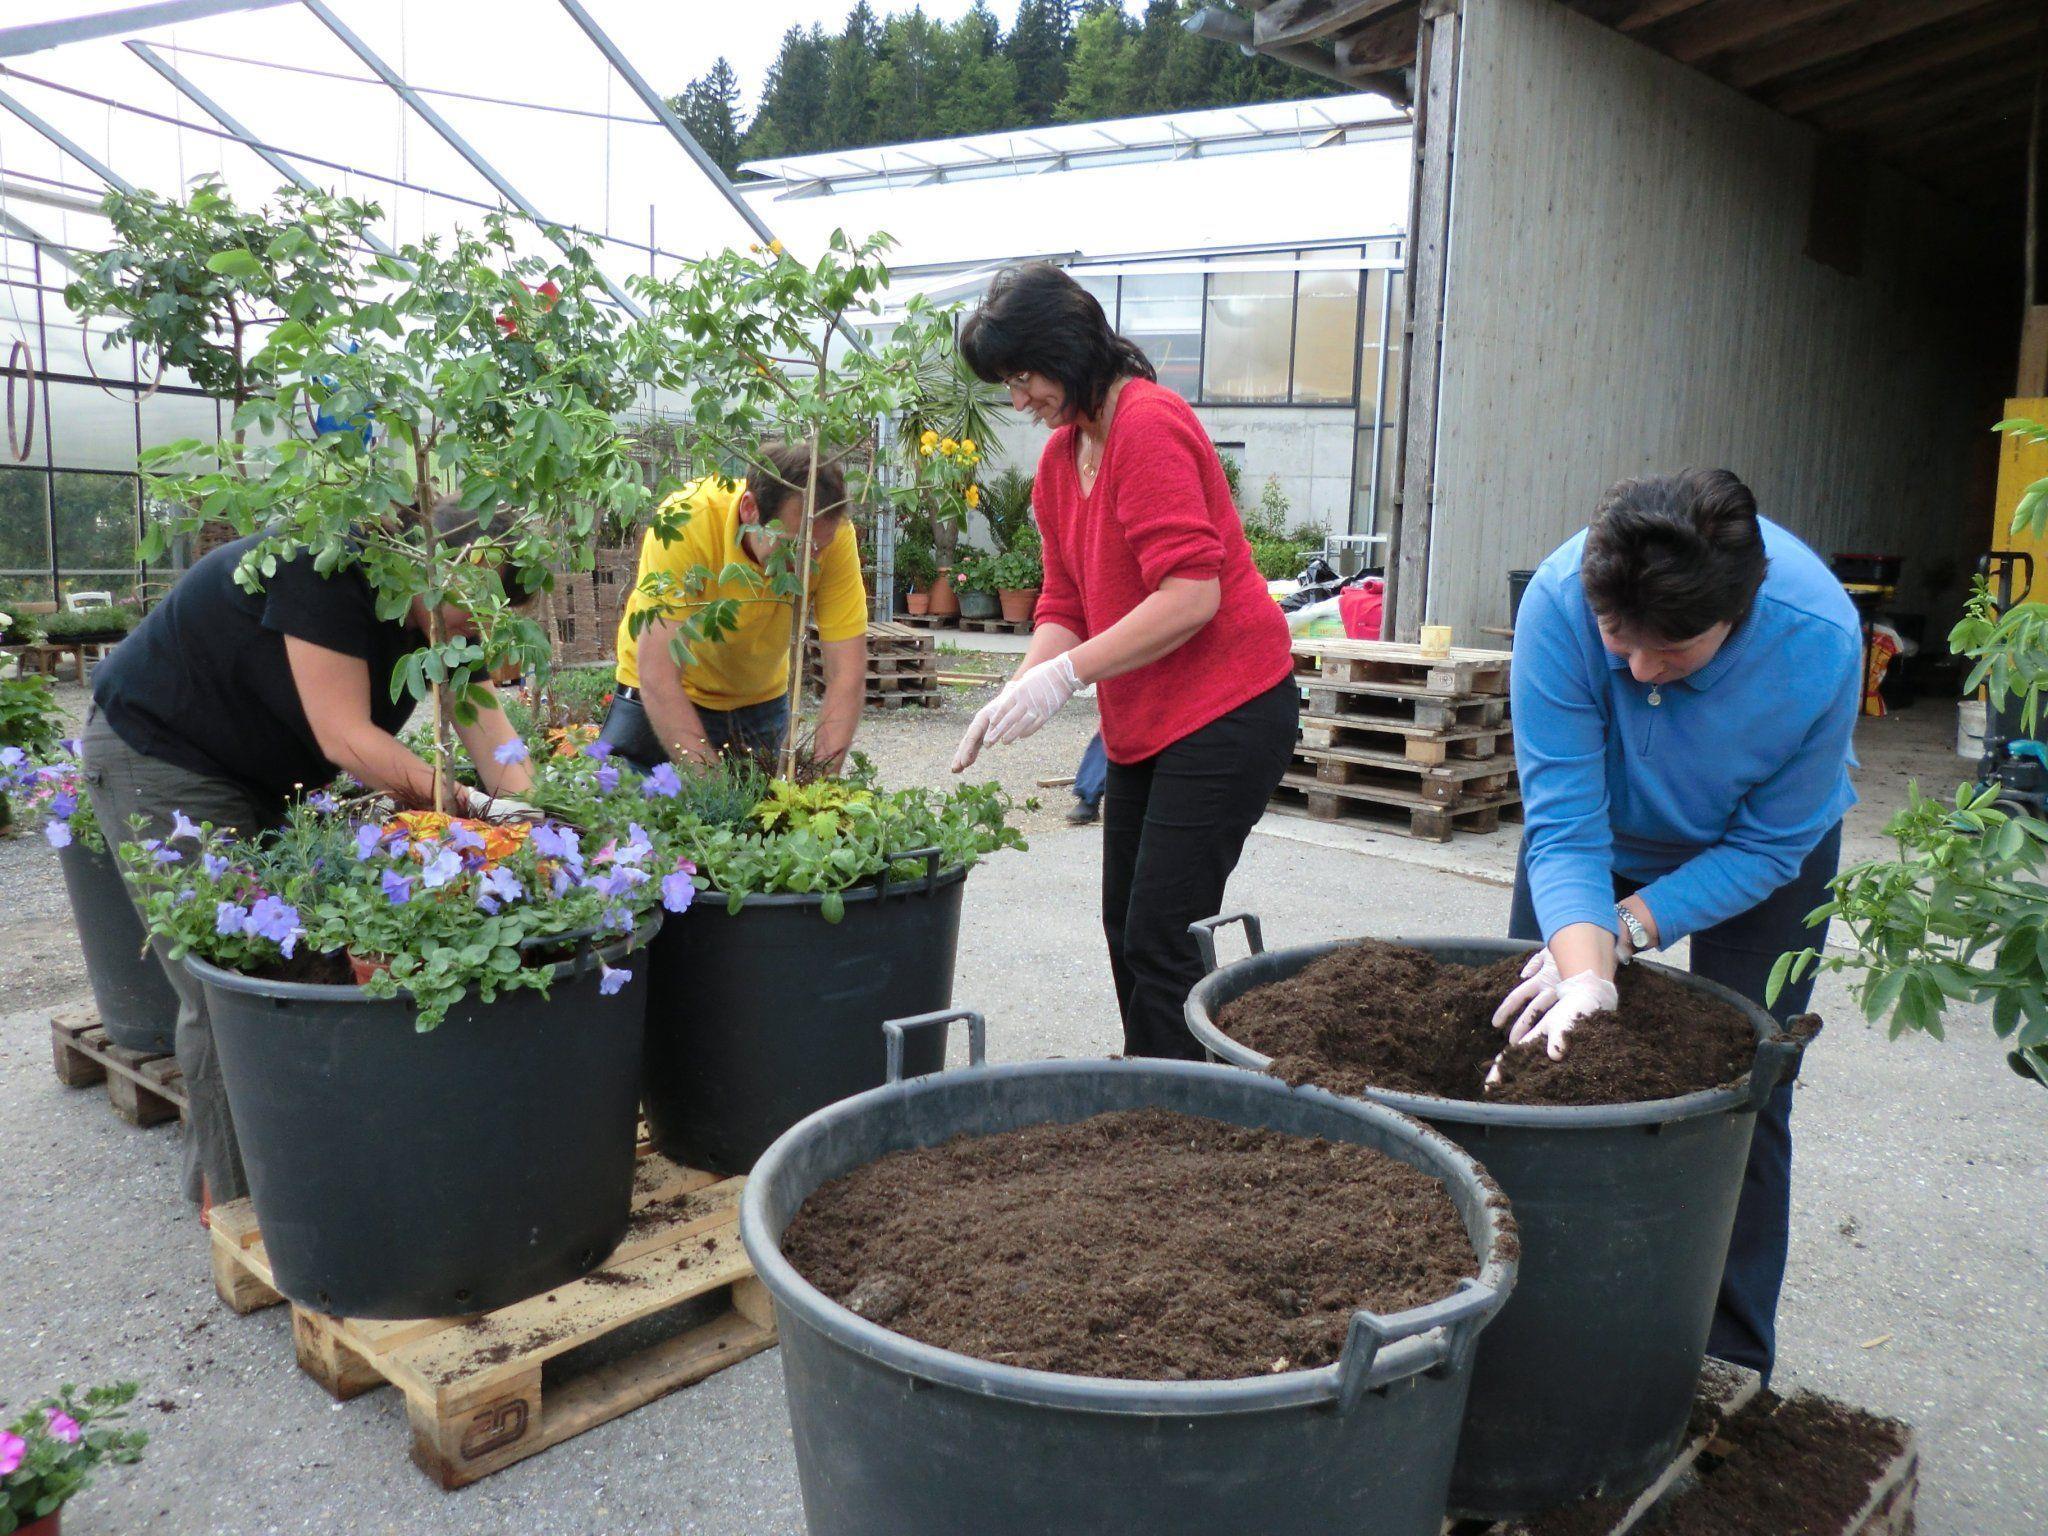 Bepflanzung der Blumentöpfe